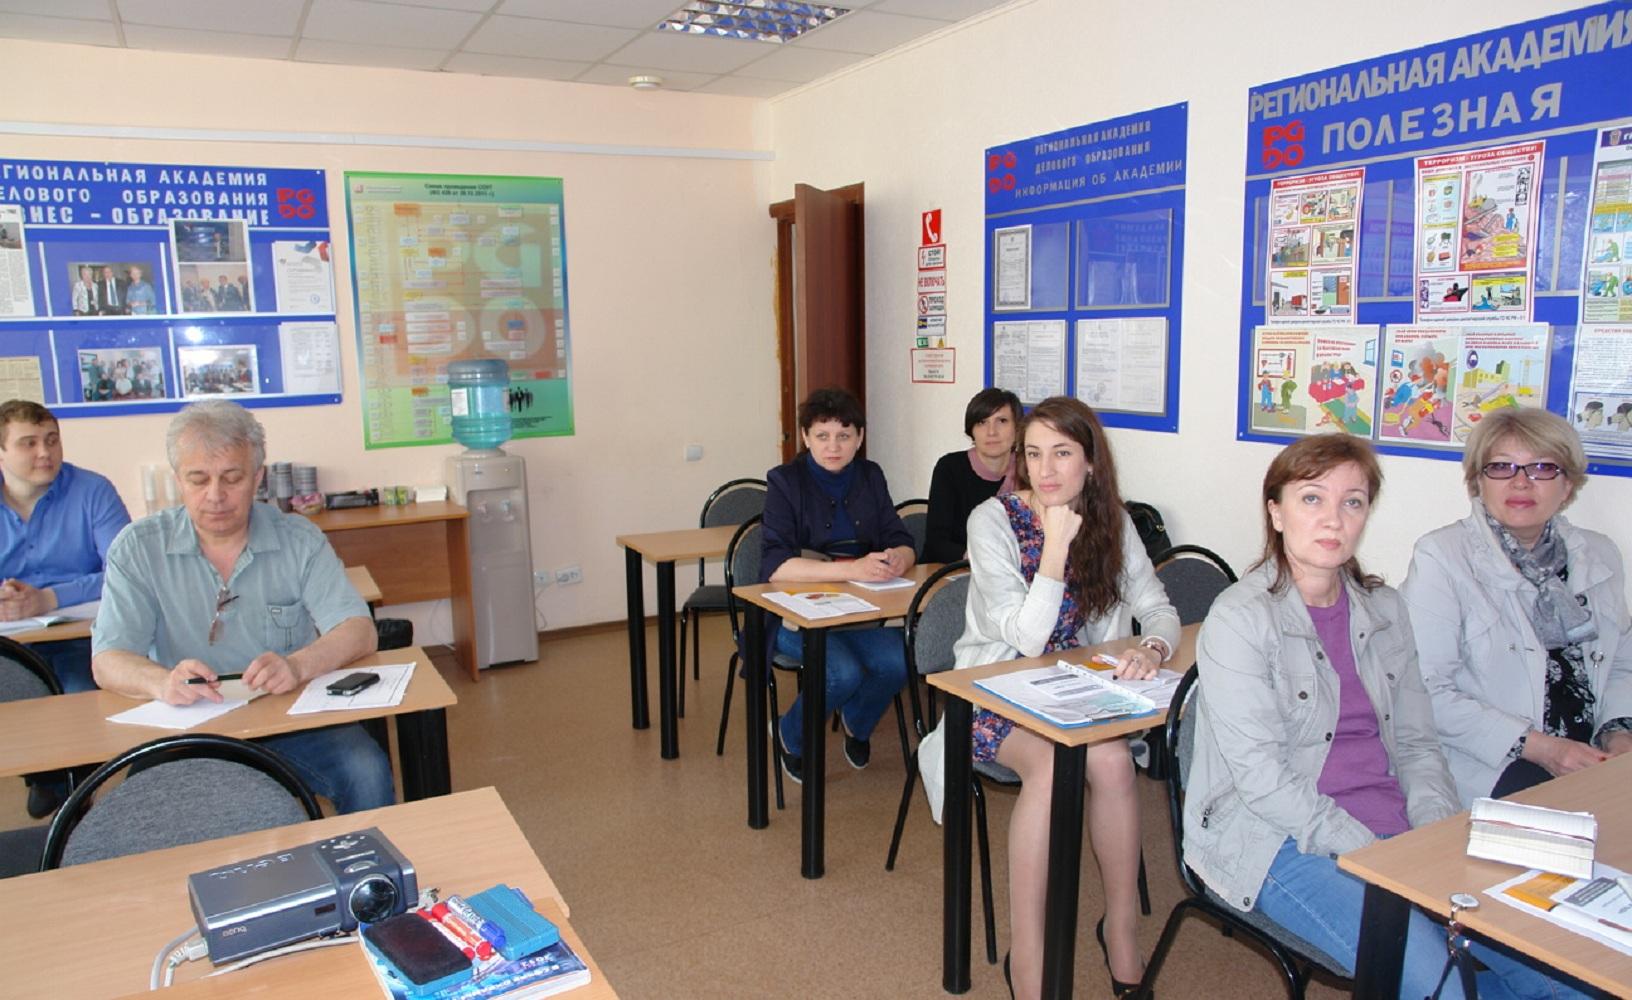 Региональная академия делового образования